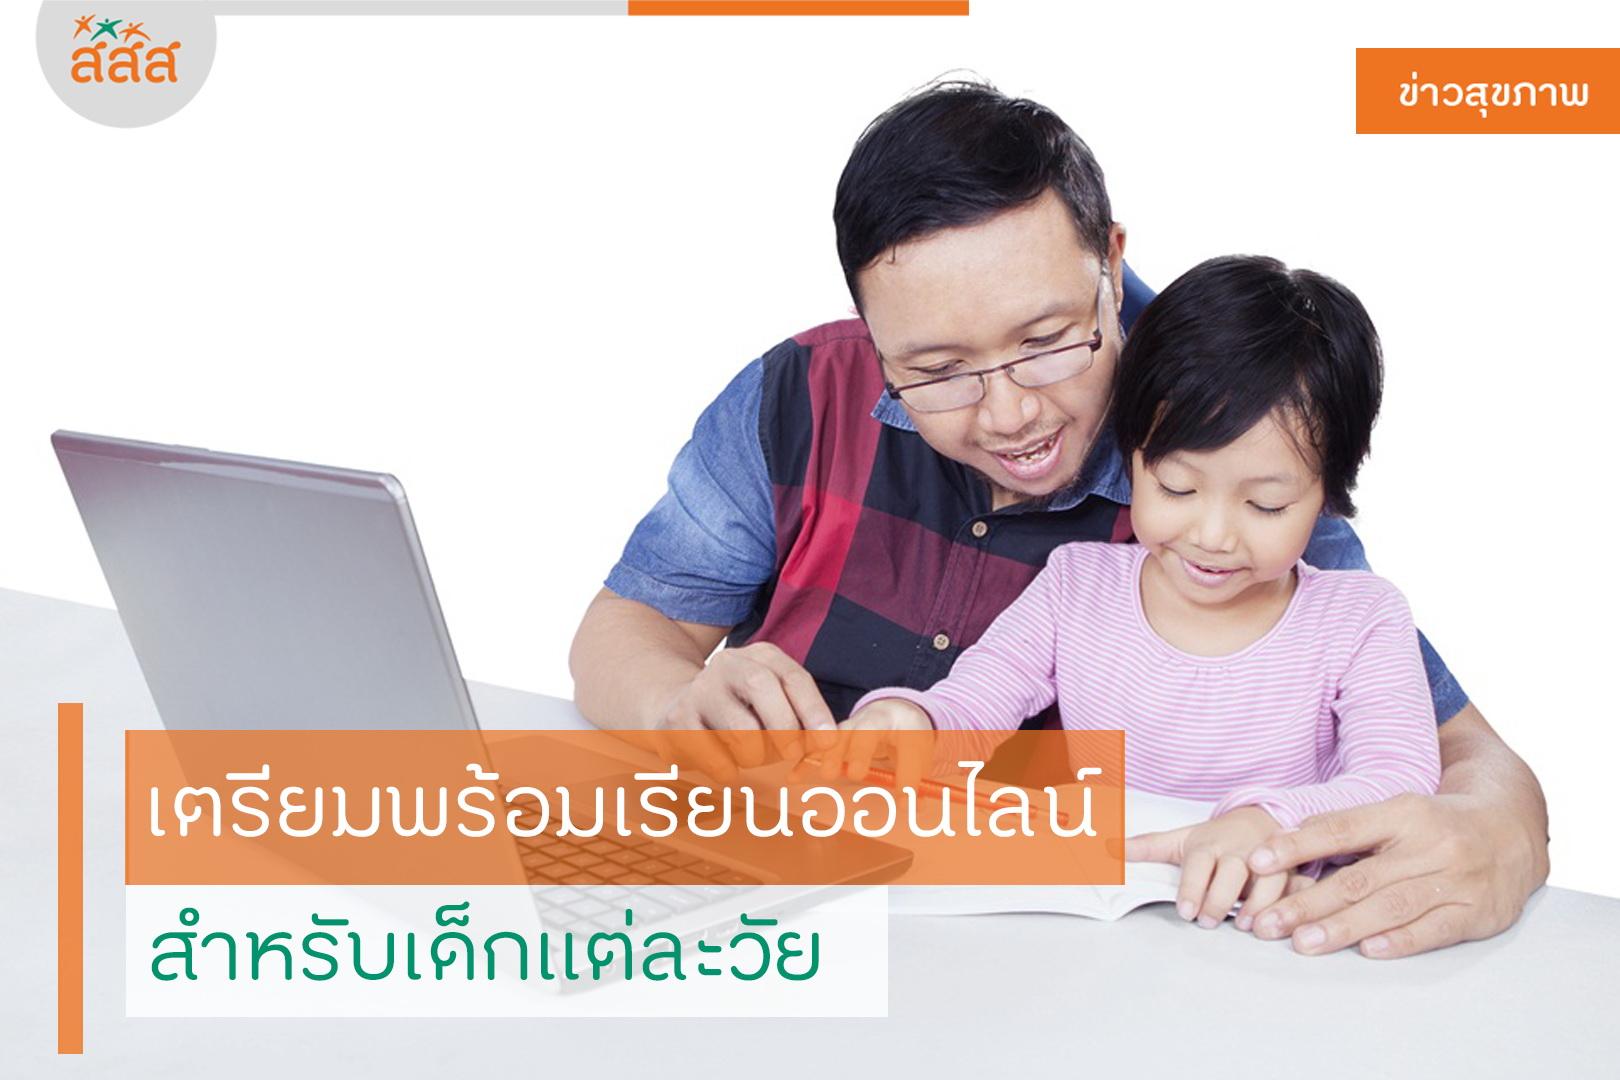 เตรียมพร้อมเรียนออนไลน์ สำหรับเด็กแต่ละวัย thaihealth